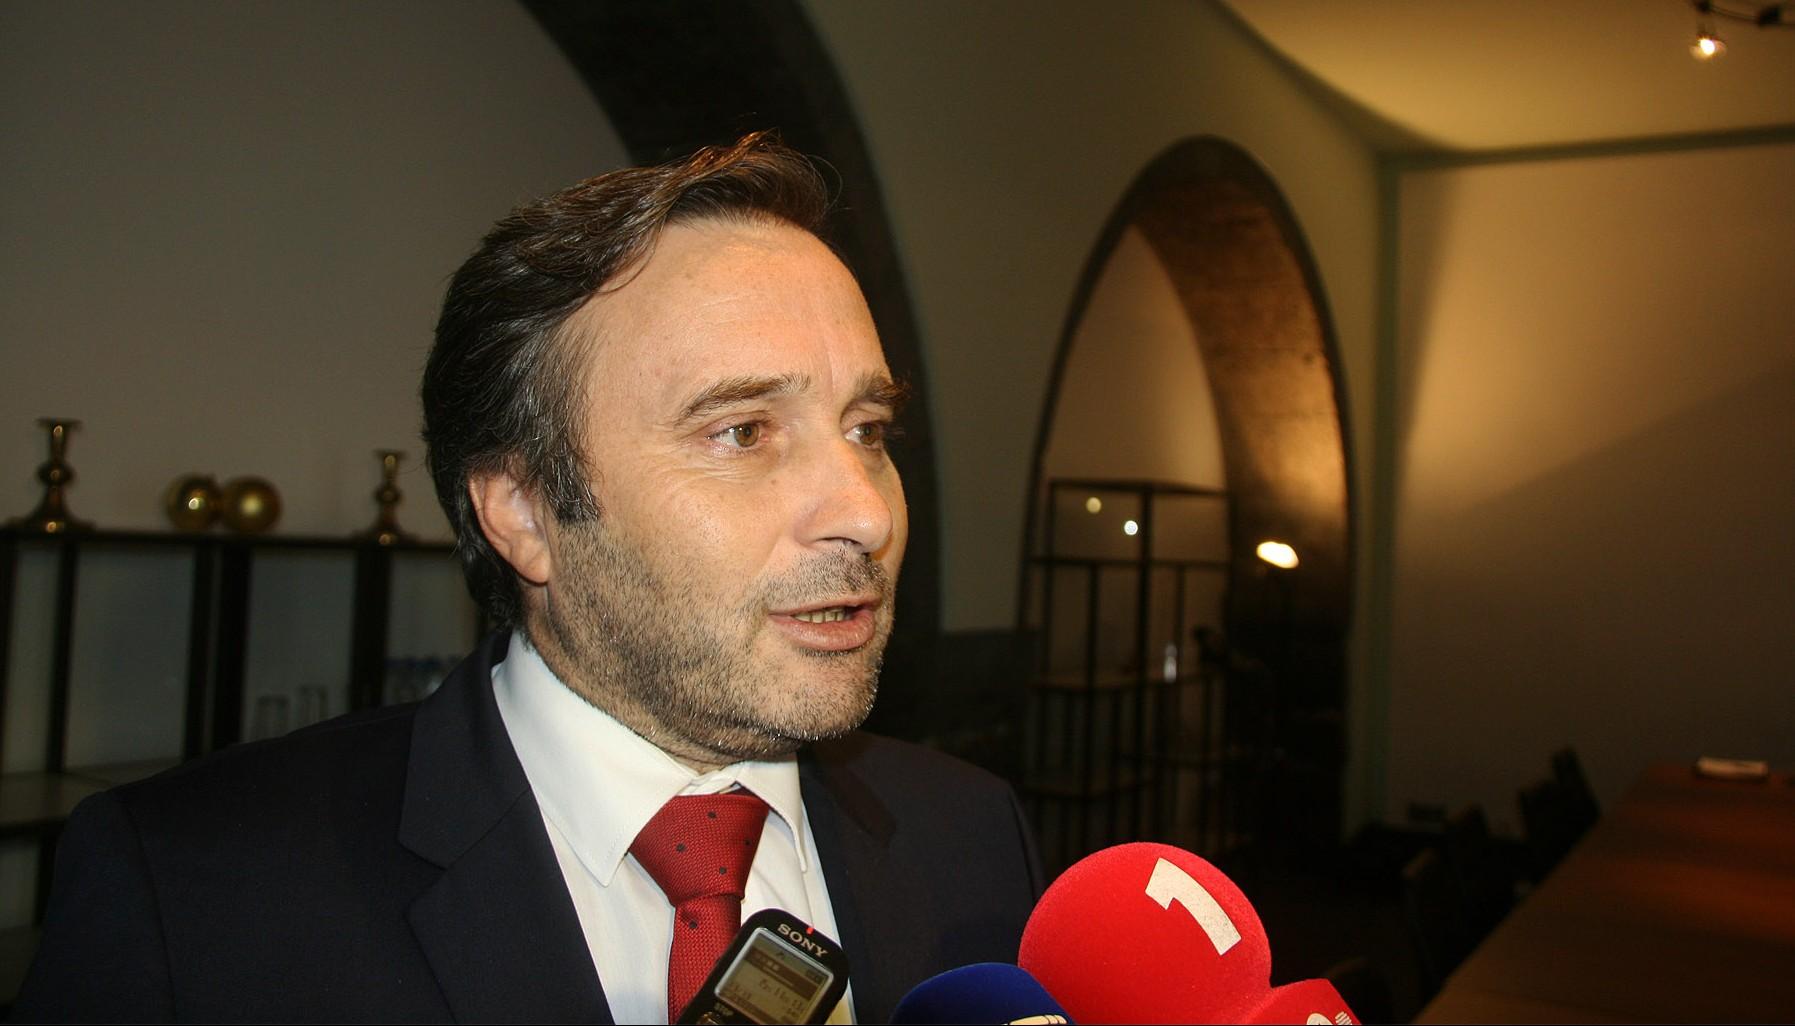 Governo deu indicações à SATA para reforçar ligações com a Horta, Flores e Corvo, revela Vítor Fraga